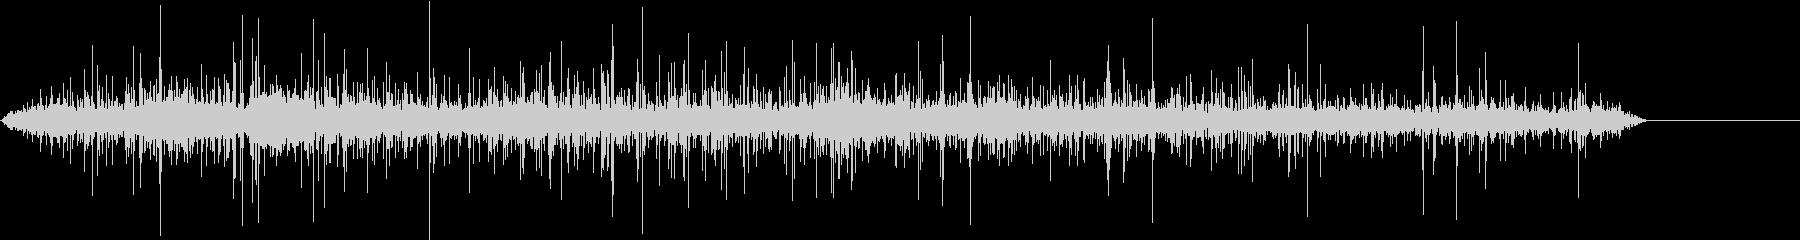 【生録音】ジューっと食材が焼ける音 3の未再生の波形